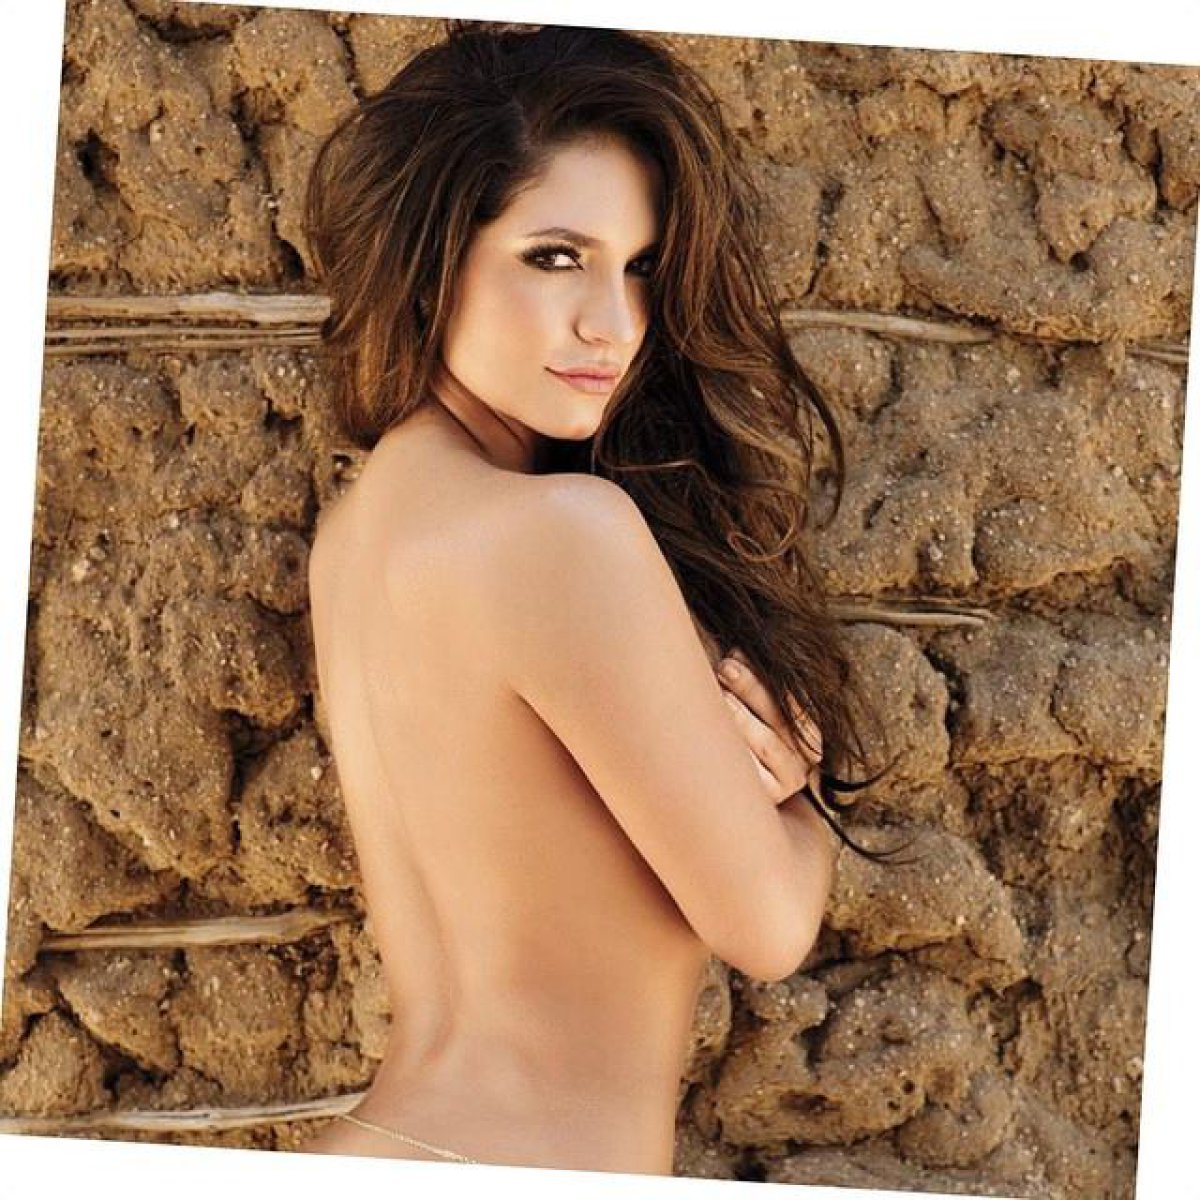 768f1cdc03a0 El imperdible y sensual baile de Kimberly Reyes que todos comentan ...